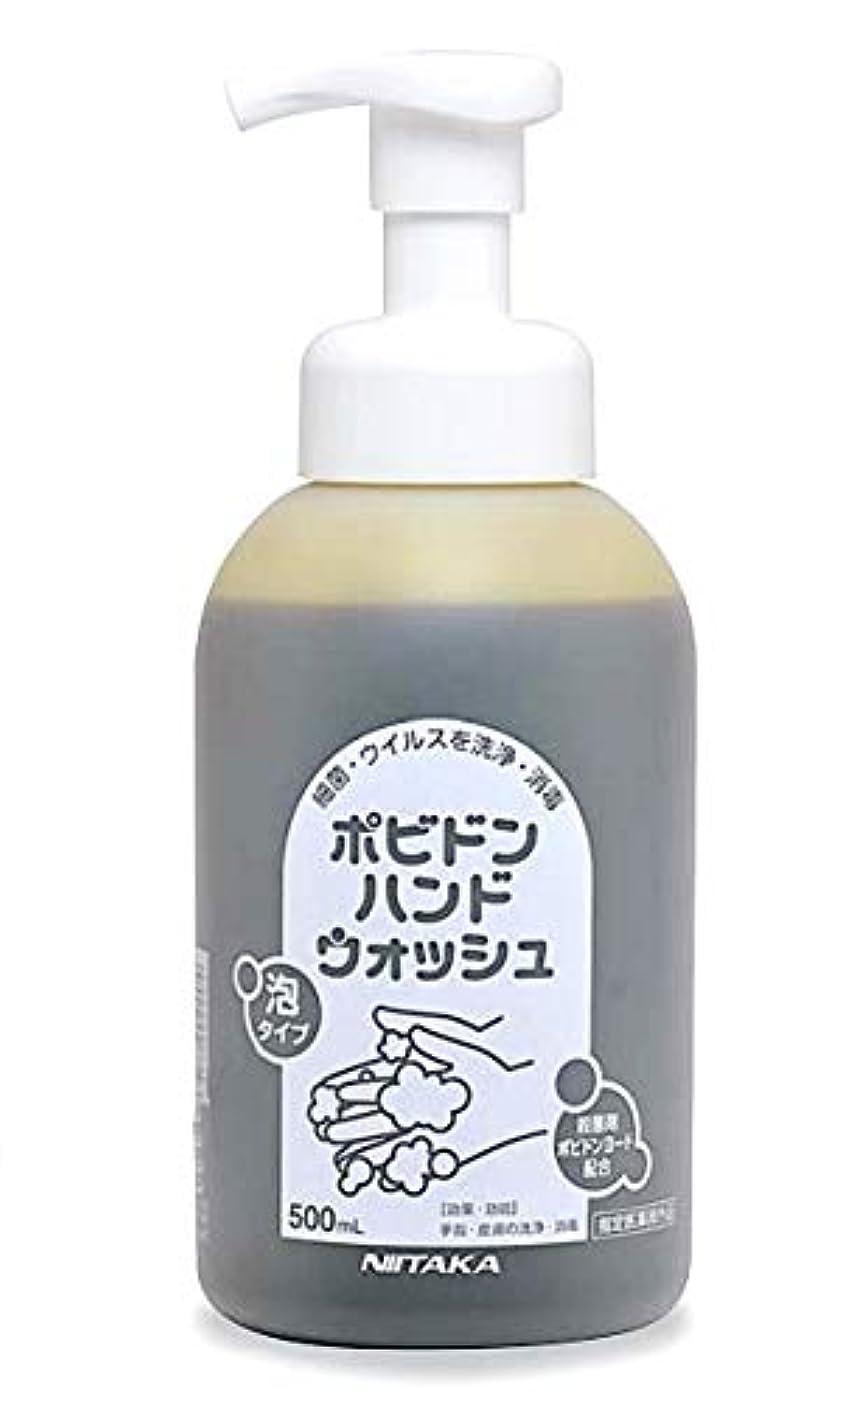 タップ呼び出すストライプポピドン ハンドウォッシュ 500mL ×1本 (ニイタカ) (手指洗浄?消毒用品)